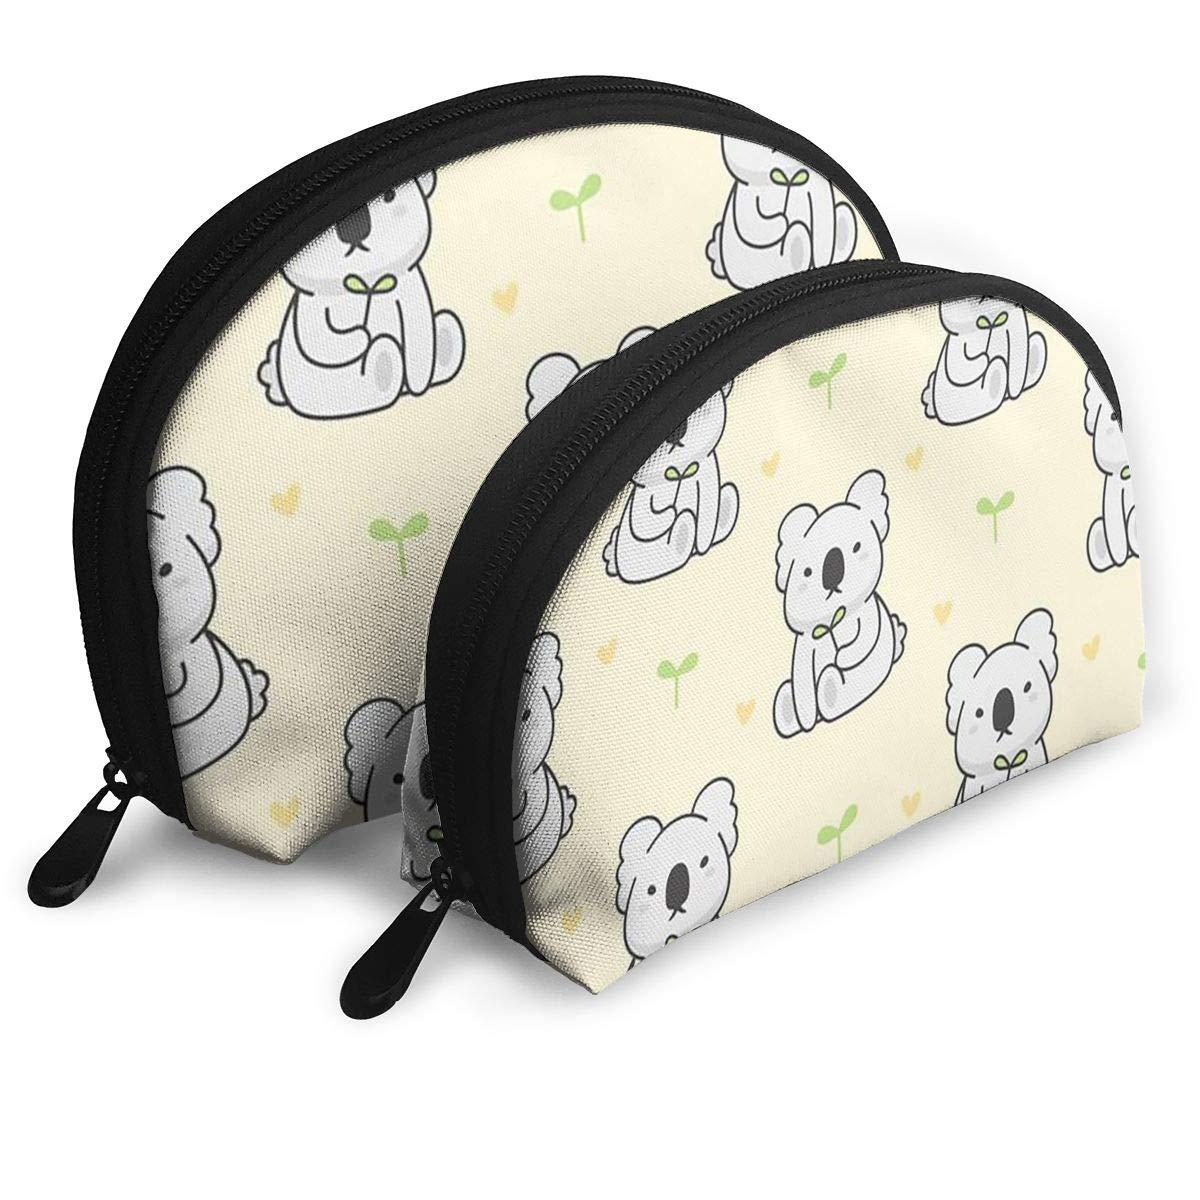 Half Moon Cosmetic Beauty Bag,Cute Koala Handy Cosmetic Pouch Clutch Makeup Bag For Women Girls